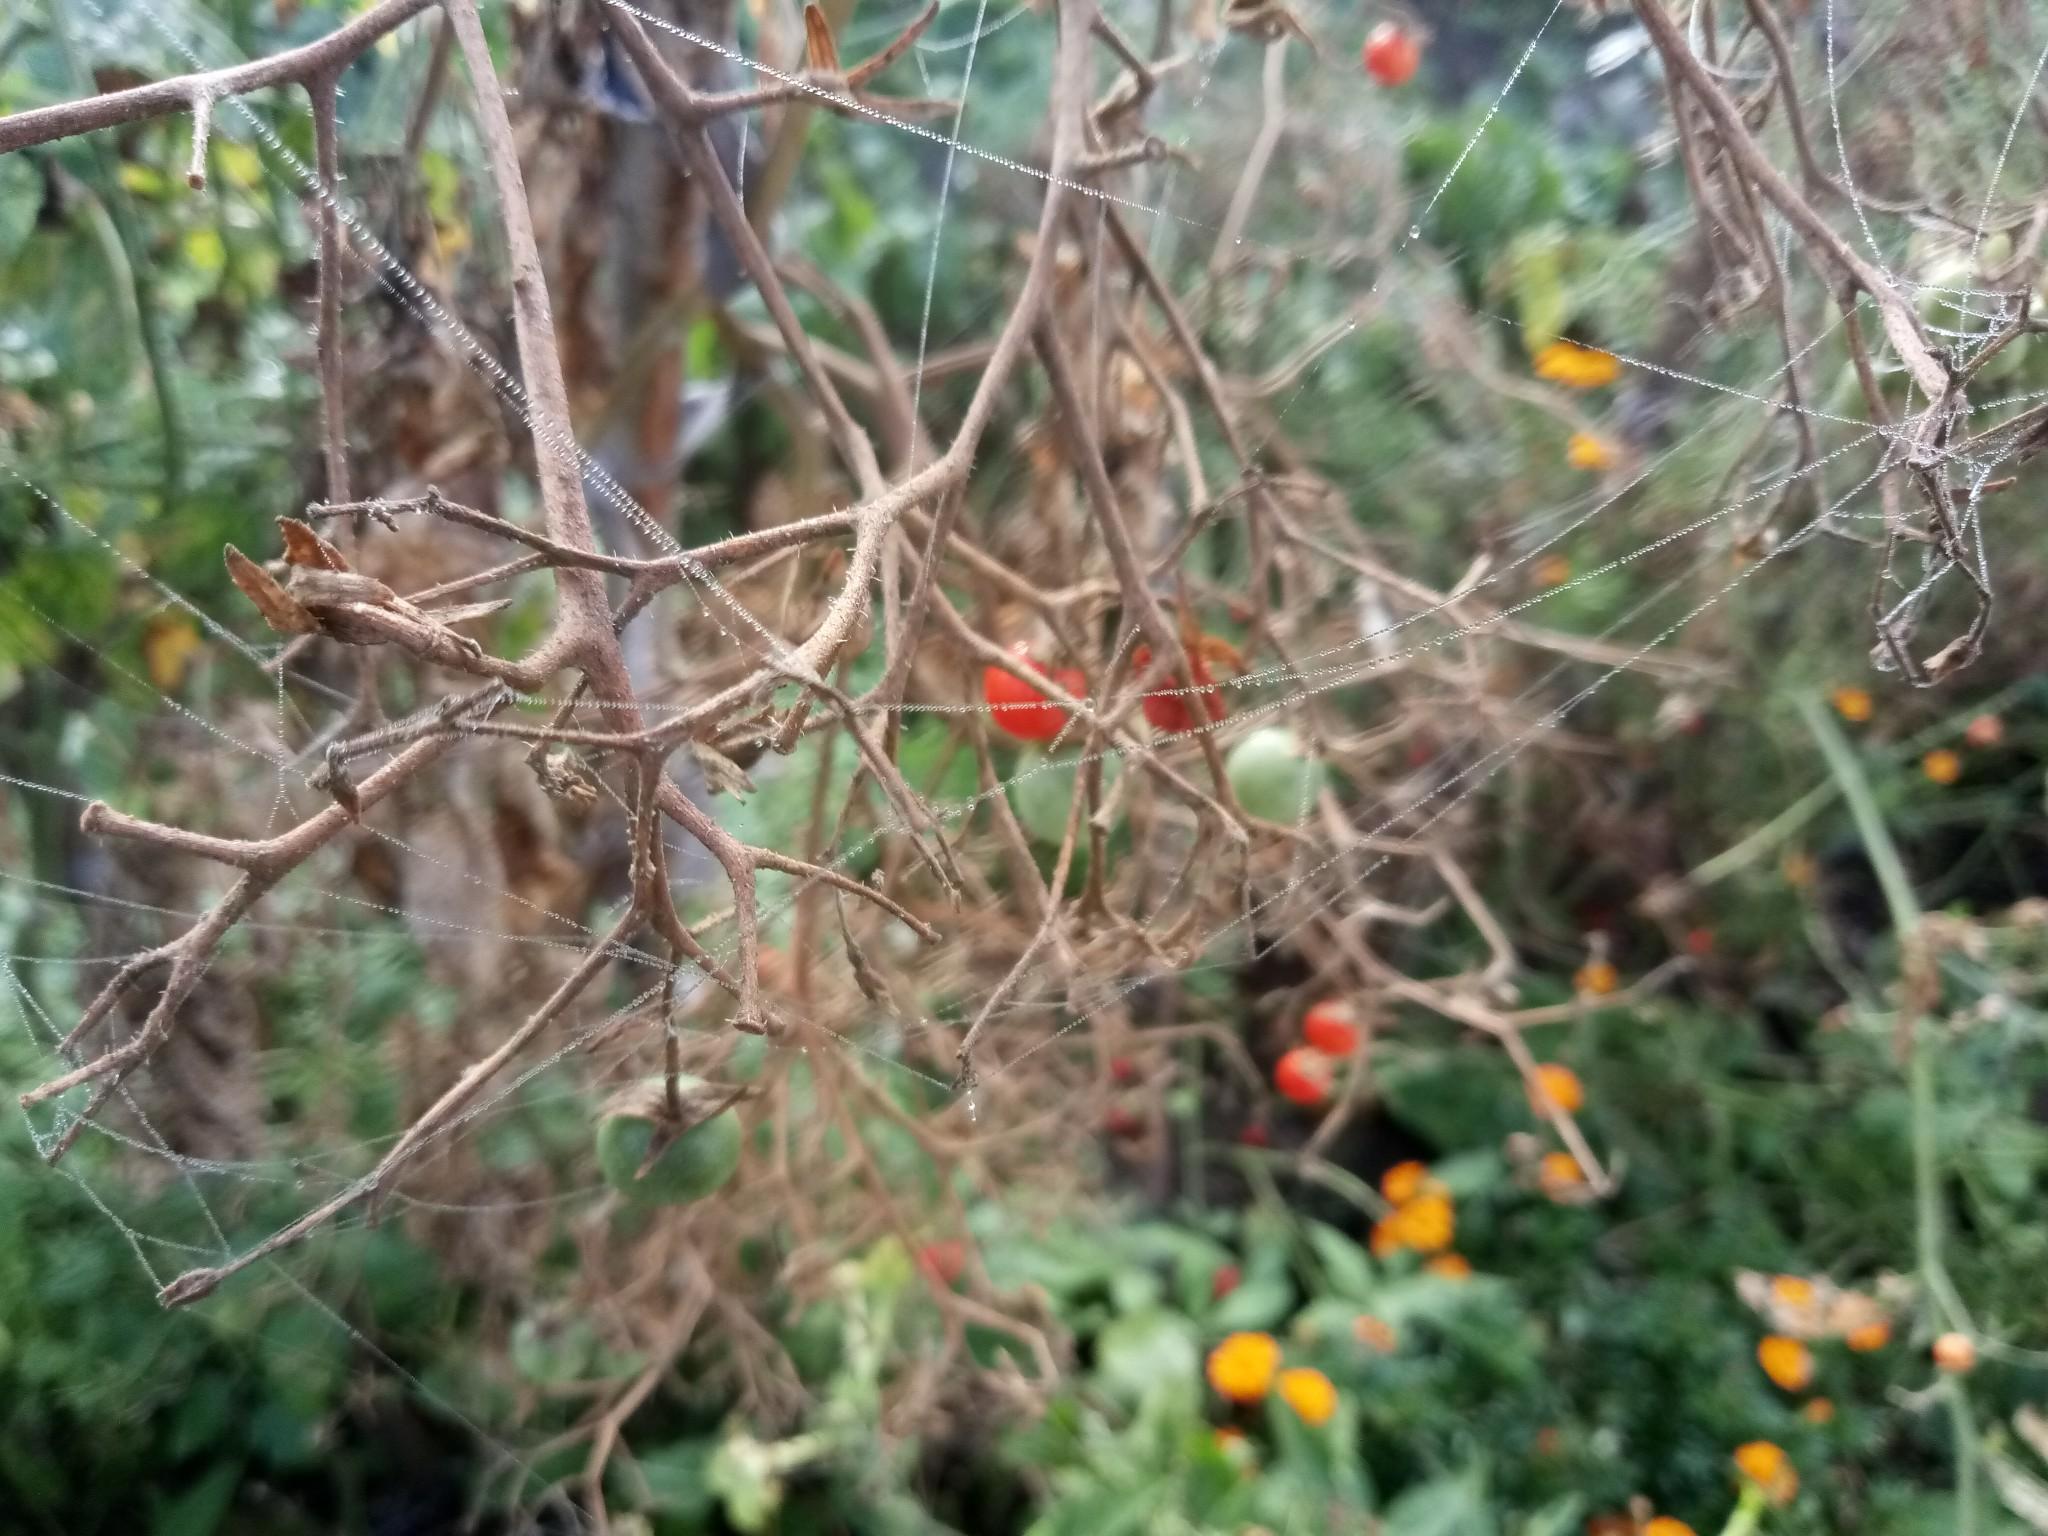 Spider web photo 3